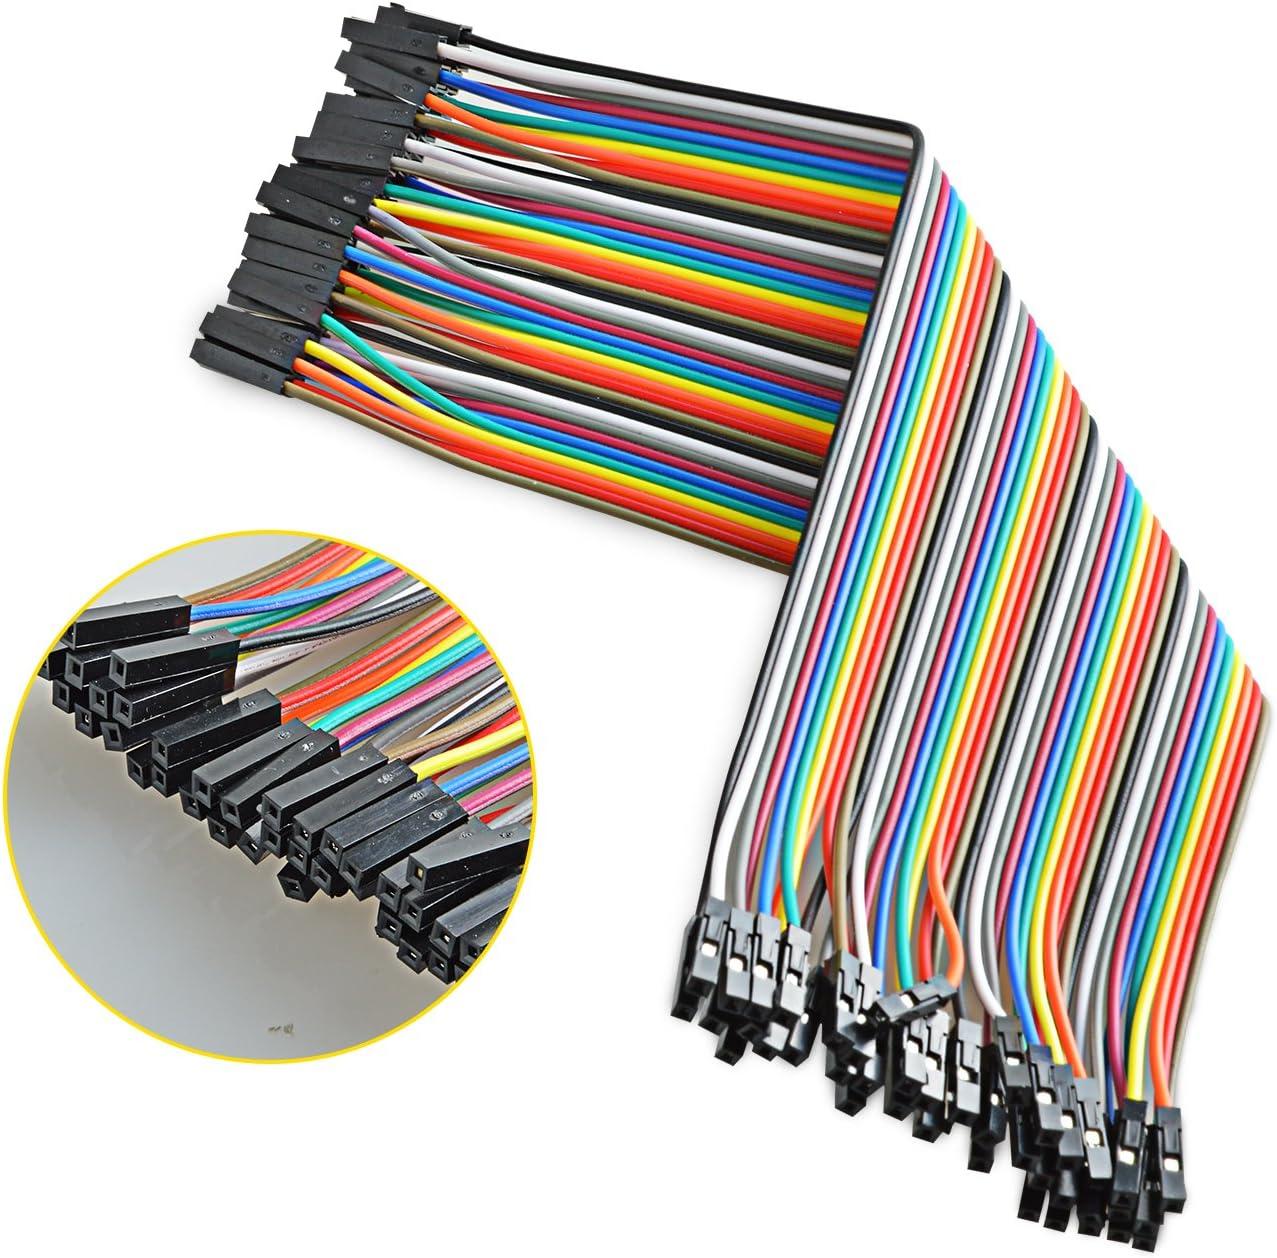 Neuftech 40x 20cm Female Female Jumper Wire Kabel Computer Zubehör